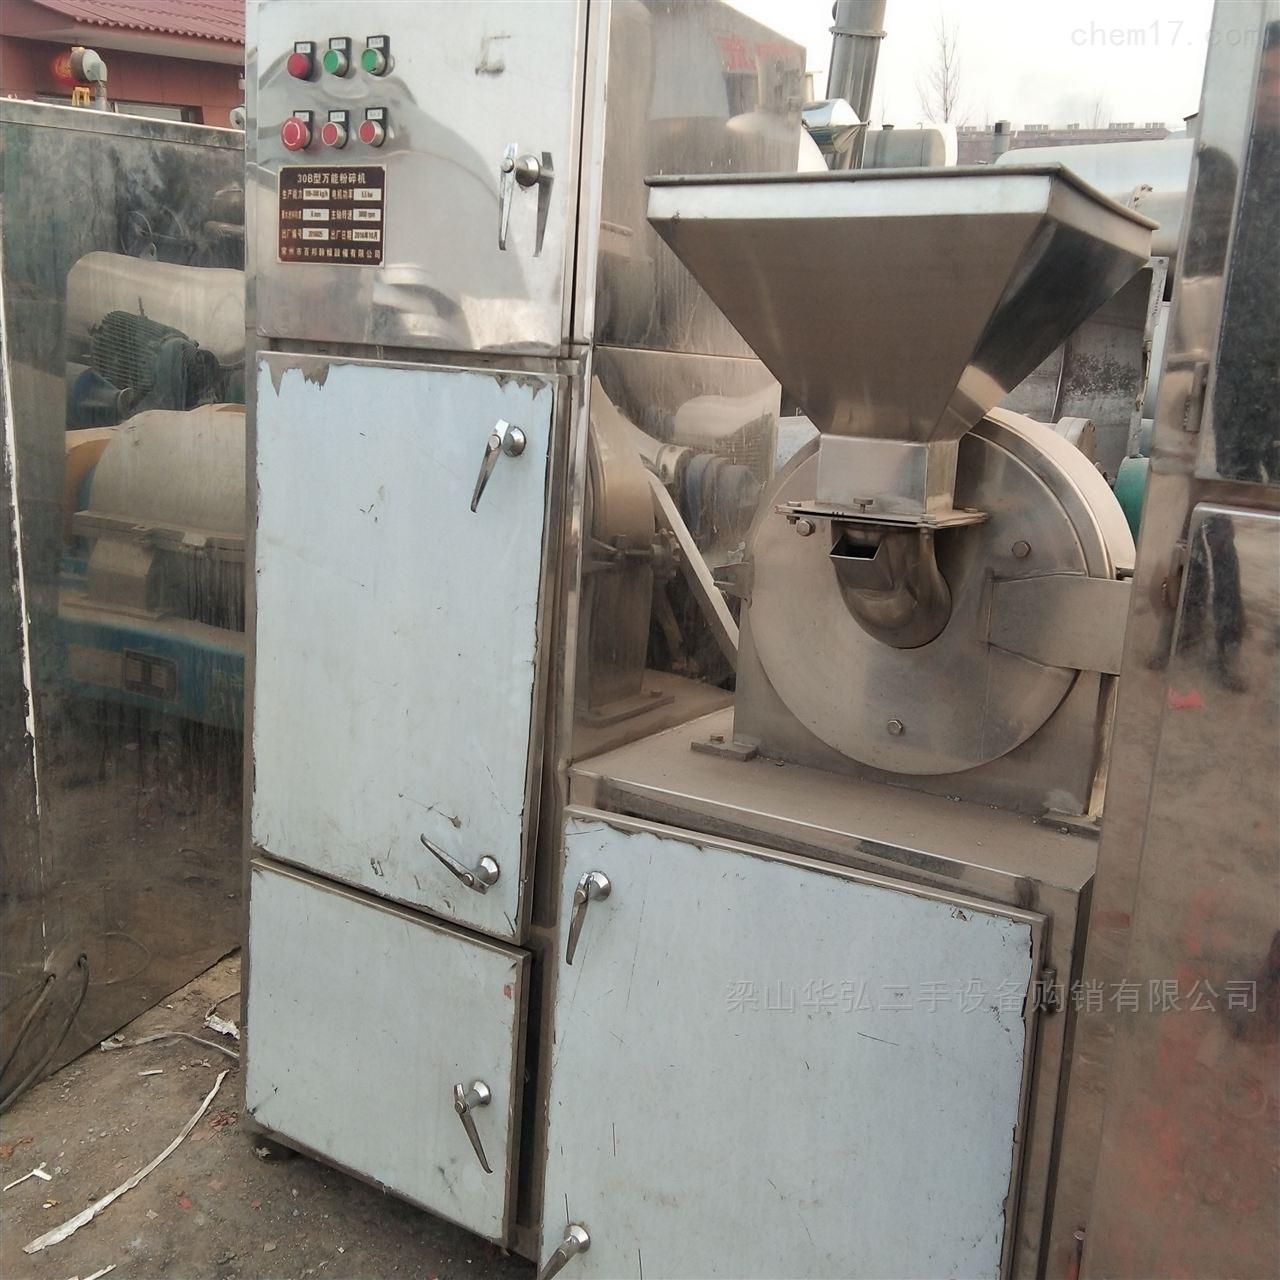 大量回收超细粉碎机